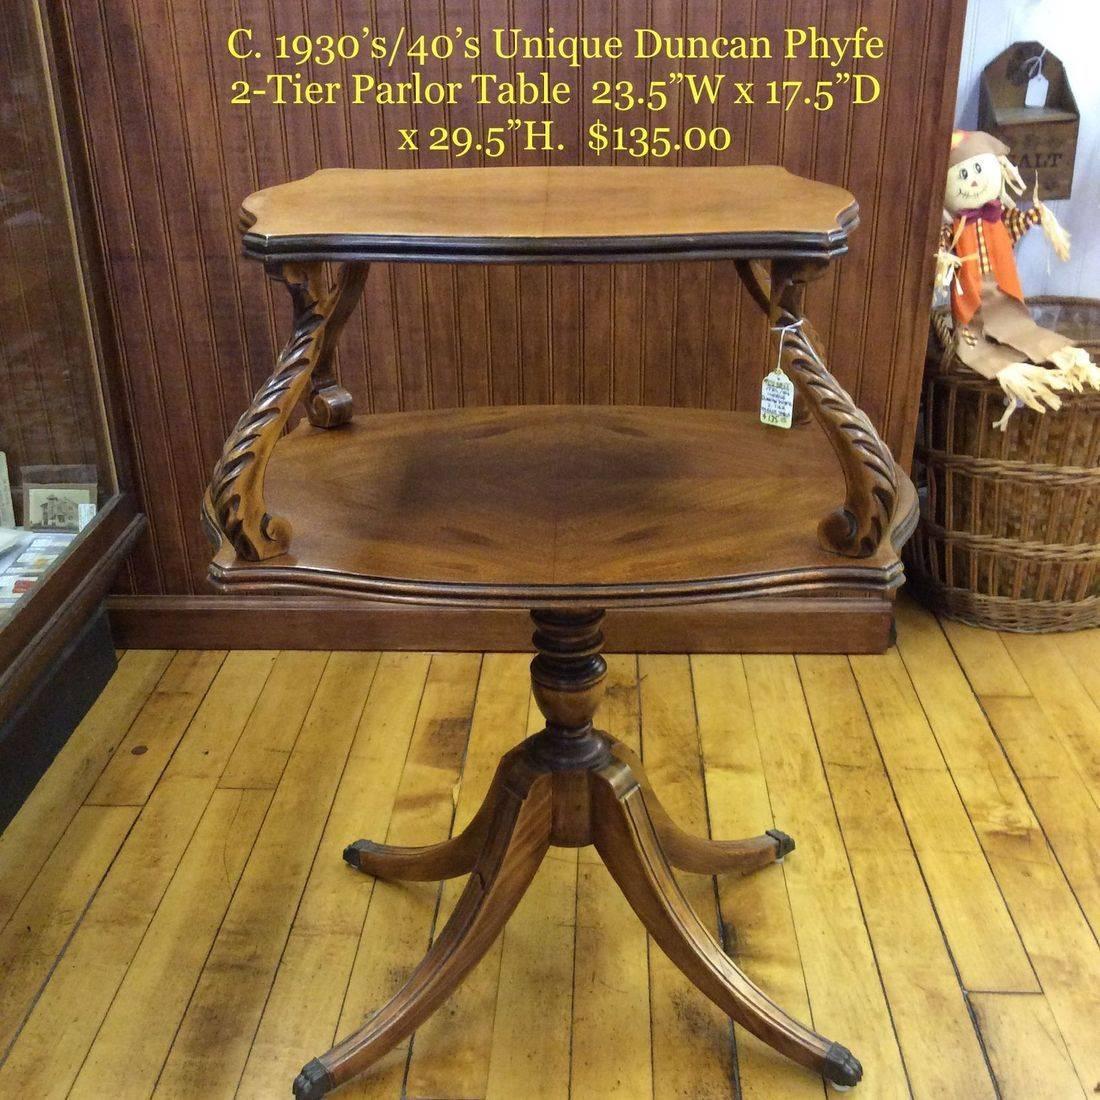 C. 1930's/40's Unique Duncan Phyfe 2-tier Parlor Table  $135.00